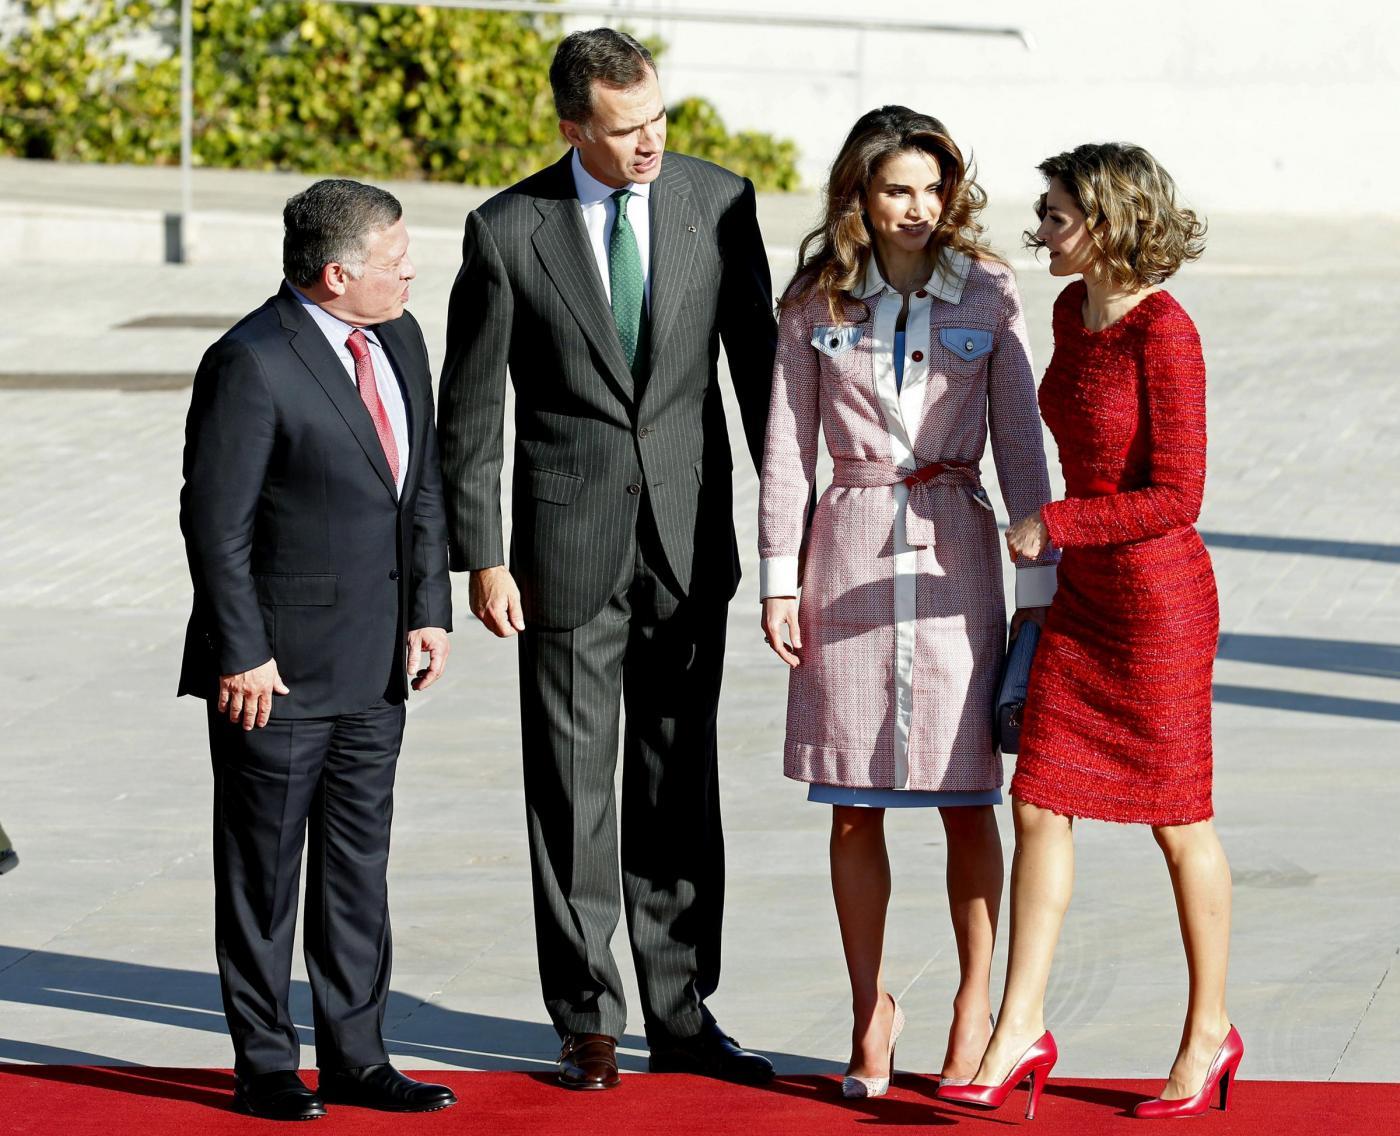 Letizia Ortiz-Rania di Giordania: sfida di eleganza FOTO